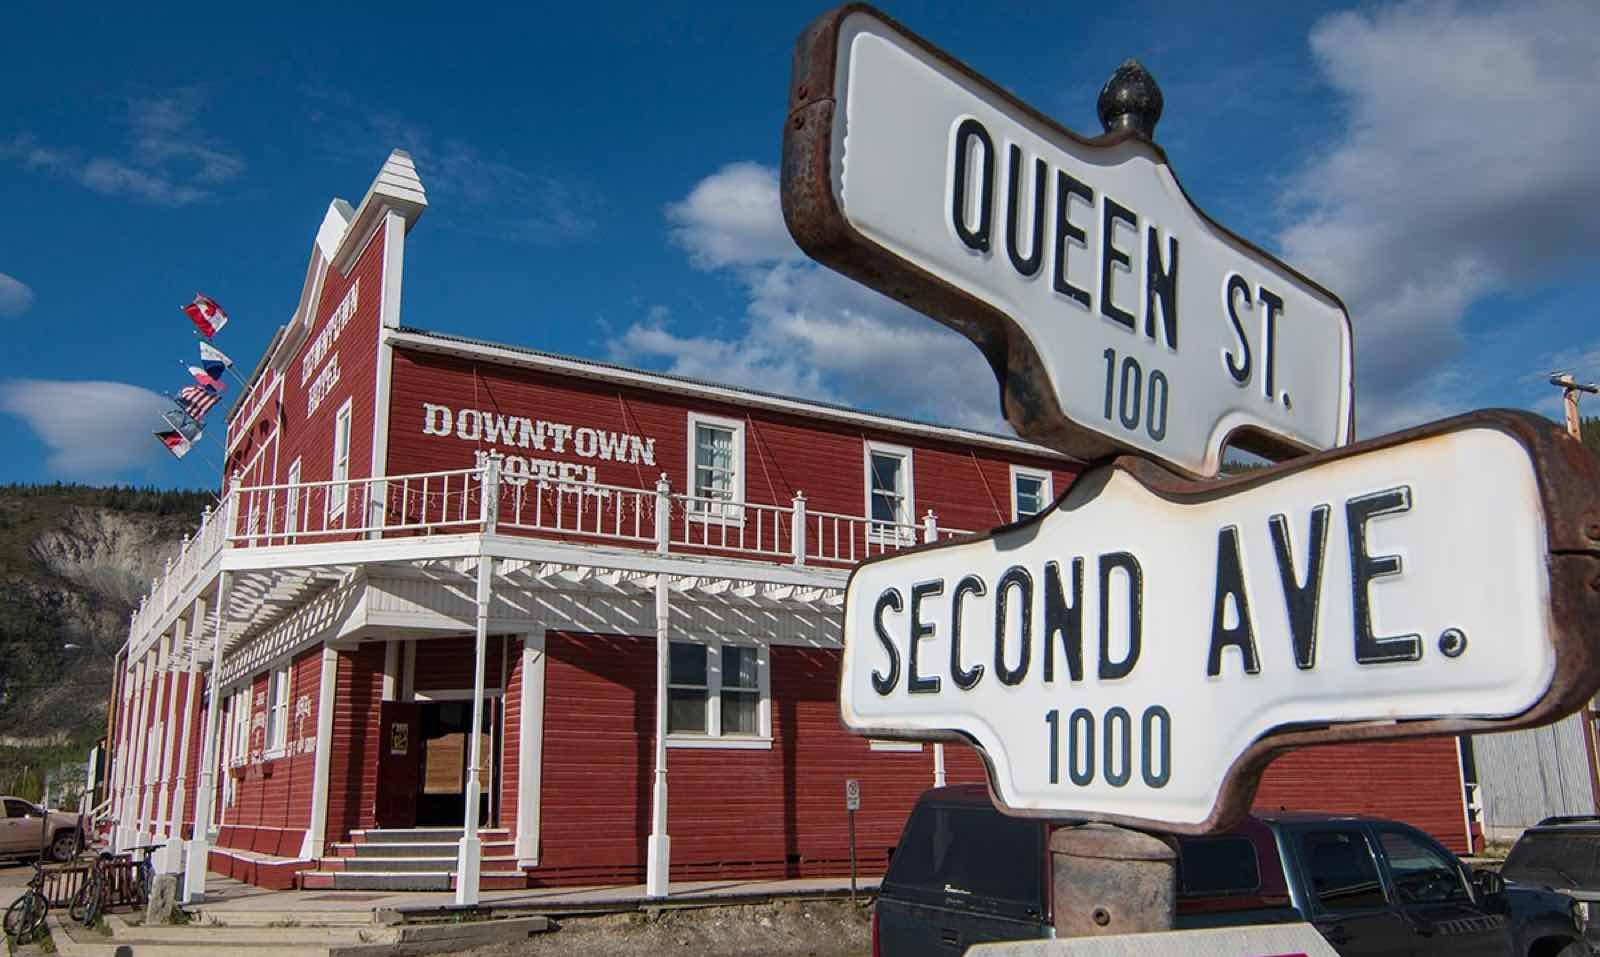 Inne på Downtown Hotel ligger baren alle snakker om i Dawson City